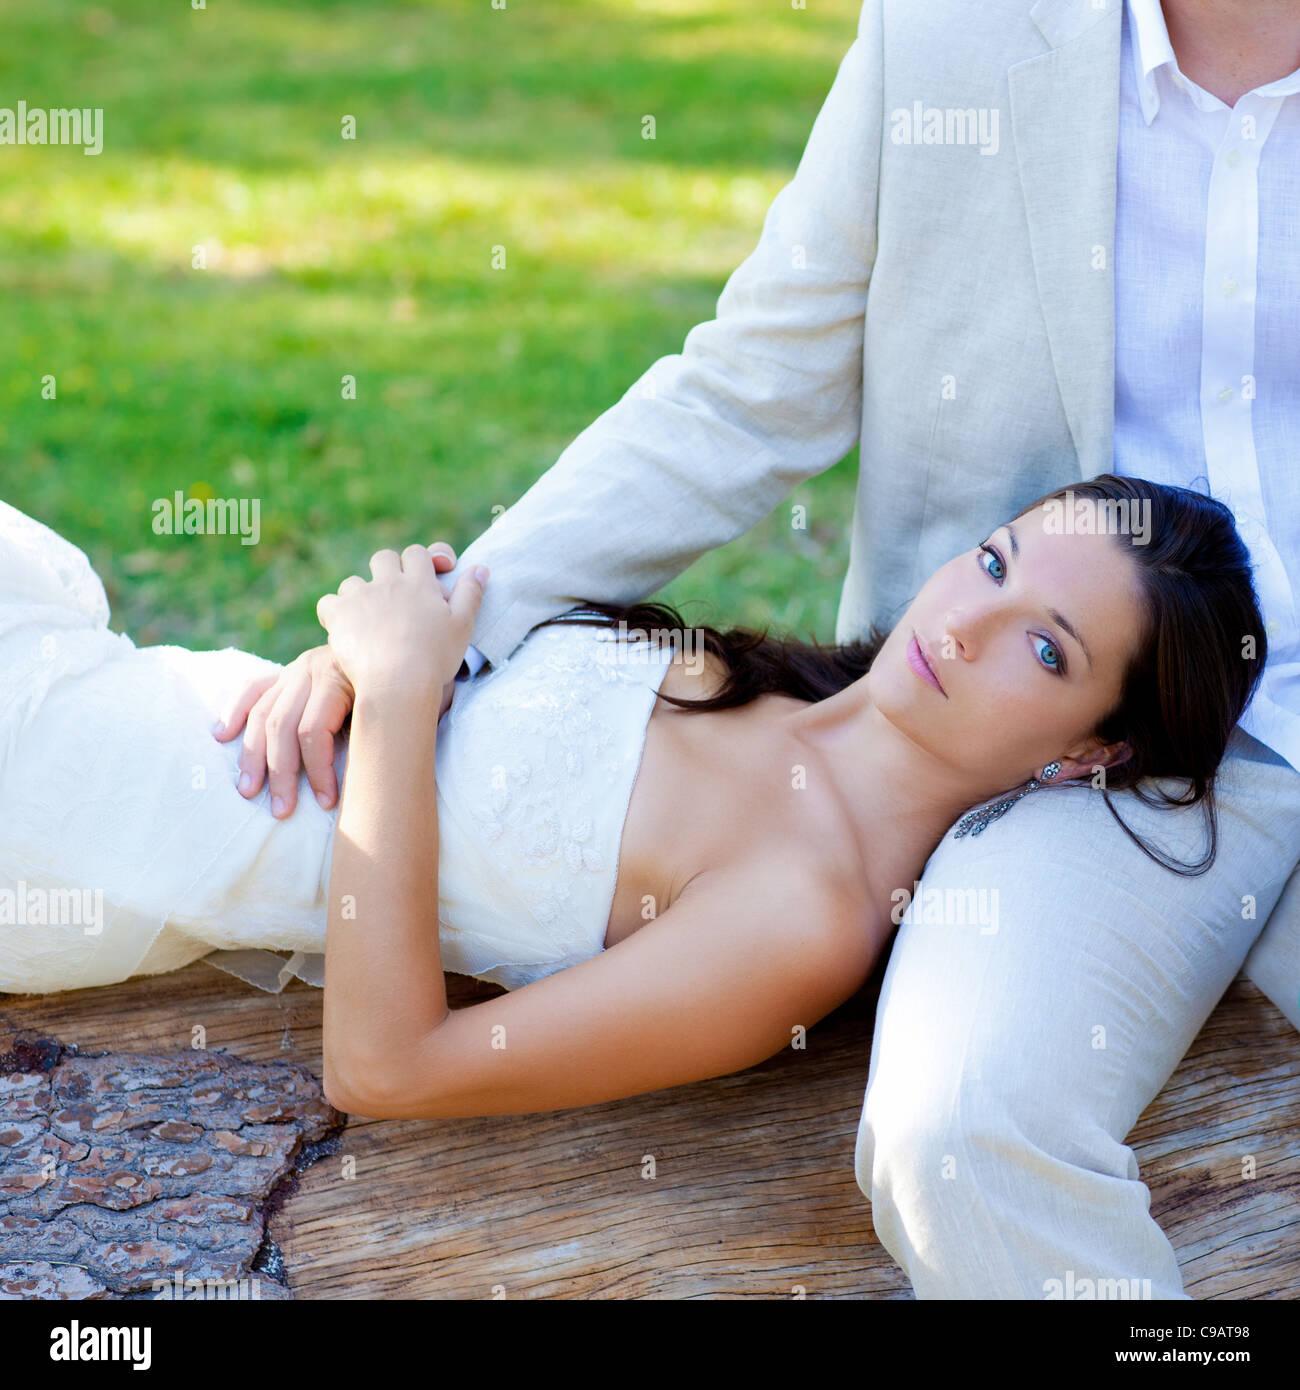 Woman lying on mari jambe dans un tronc parc récemment mariés Photo Stock